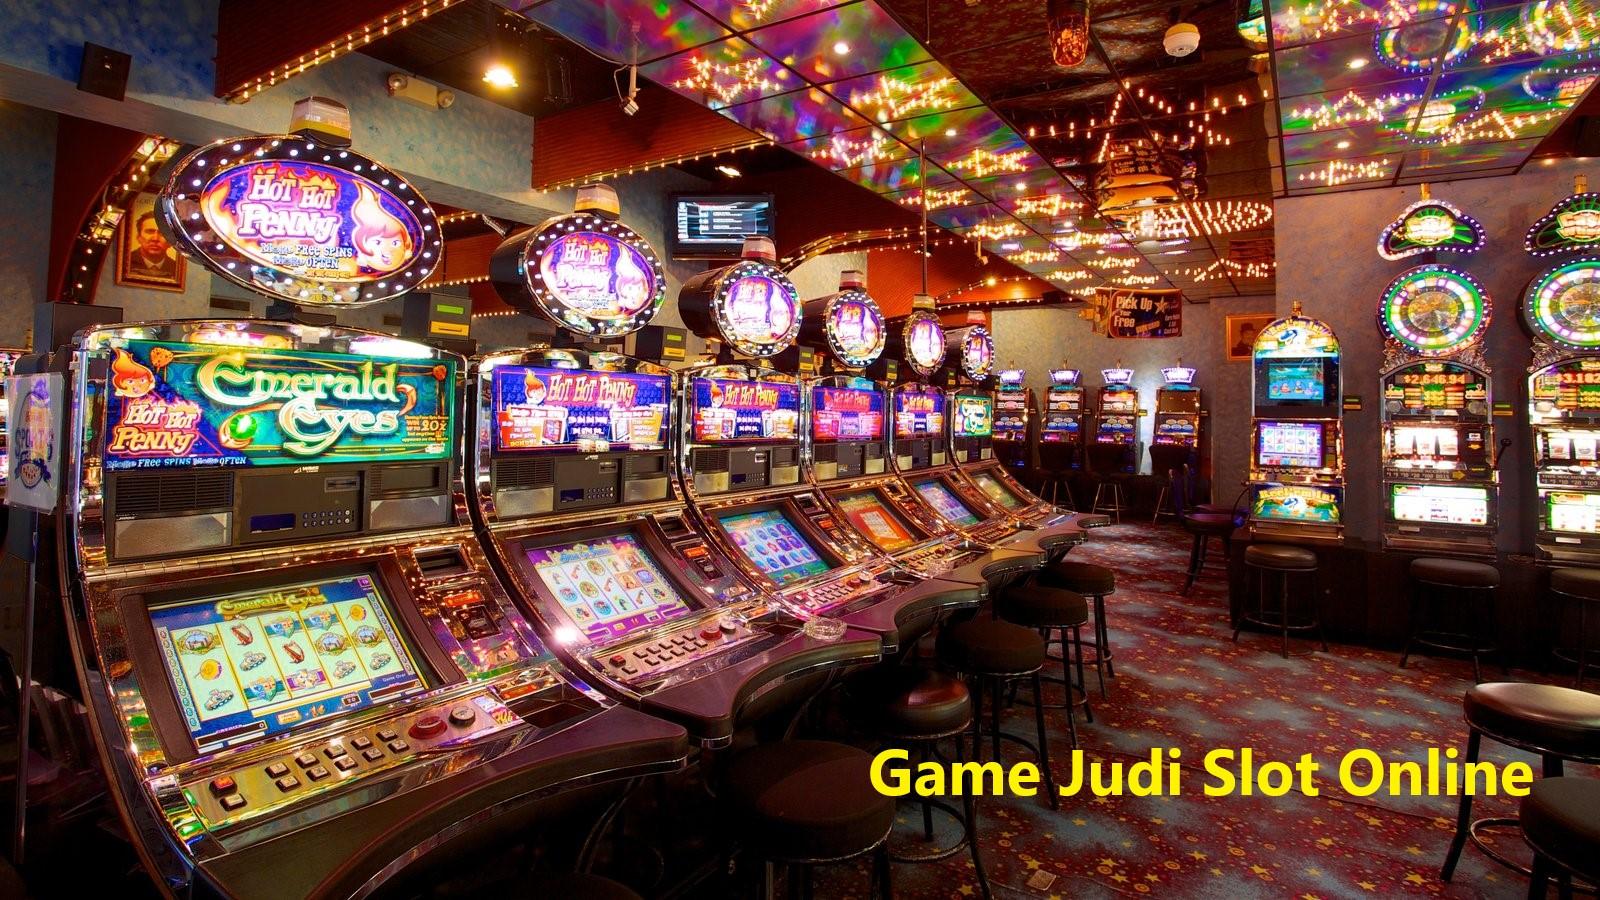 Game Judi Slot Mesin